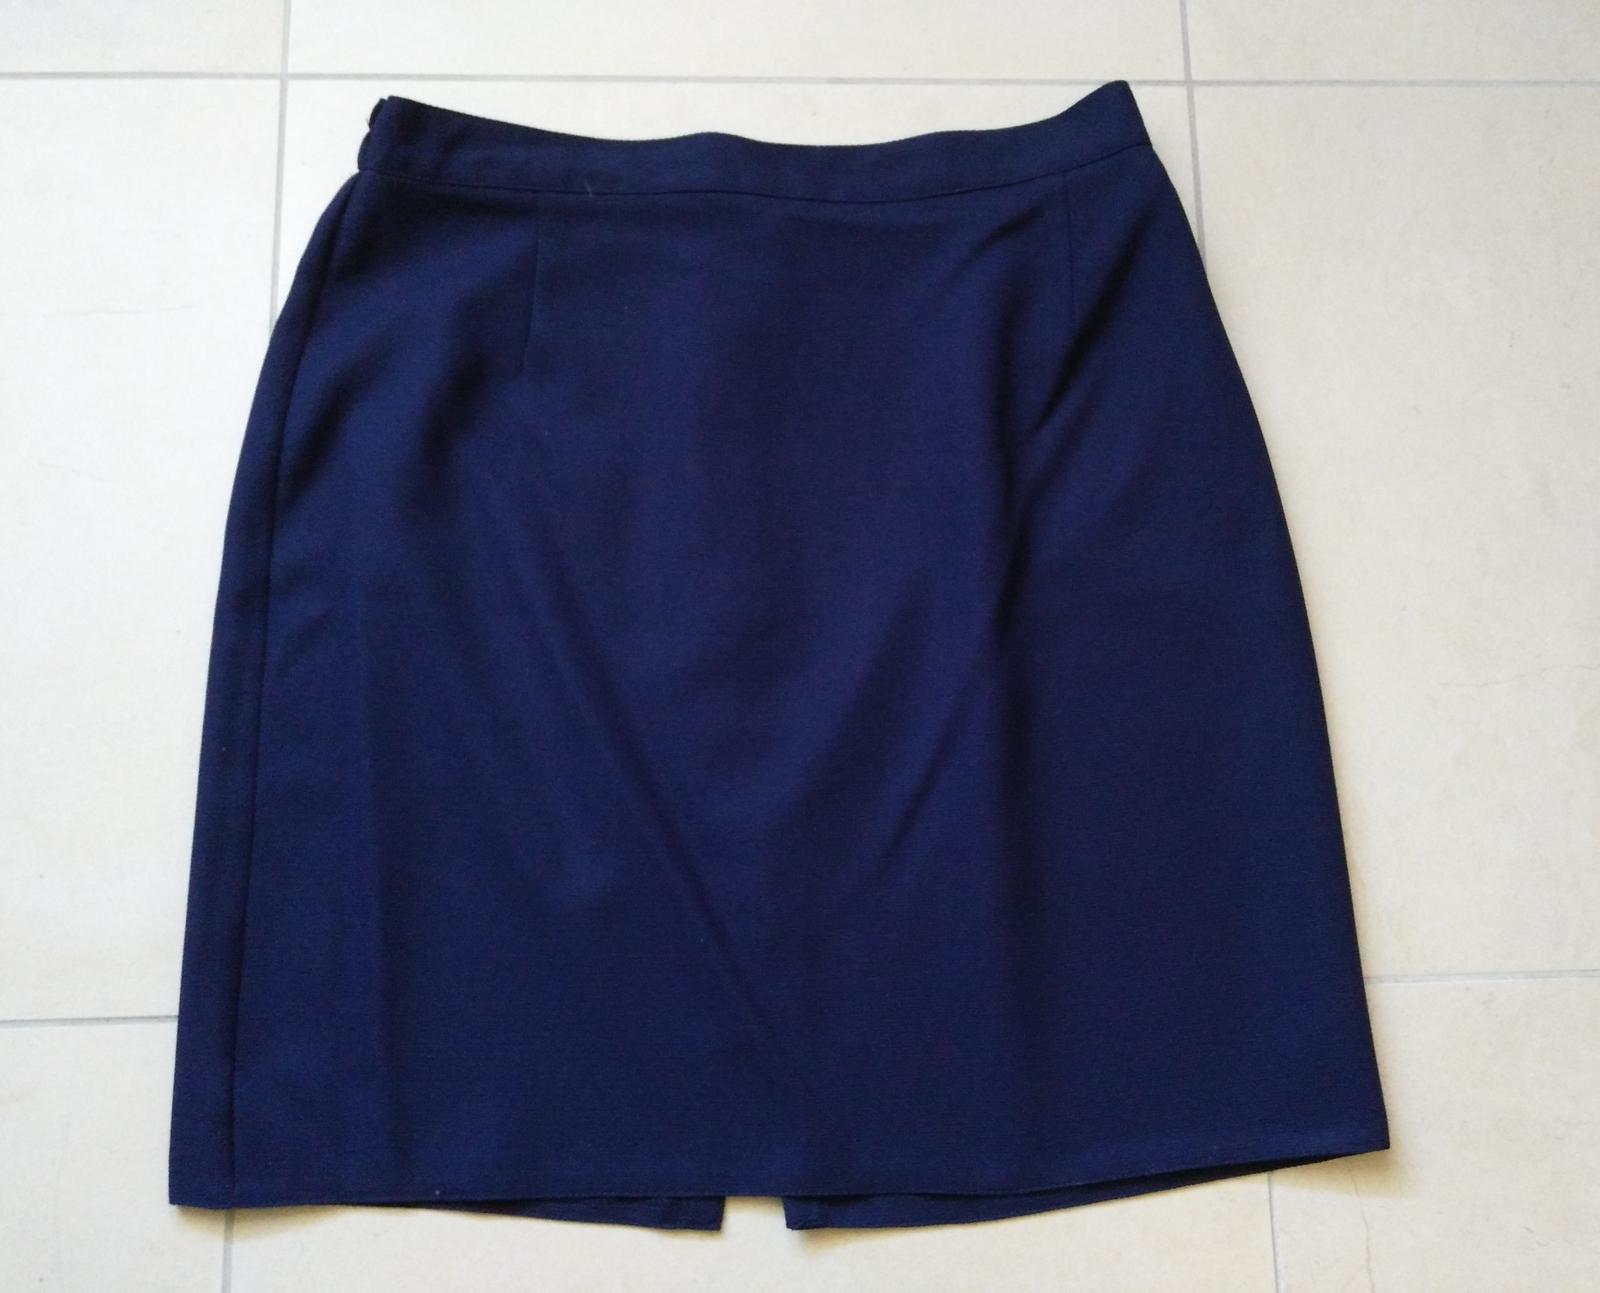 Sukňový tmavomodrý kostým 38/M - Obrázok č. 4